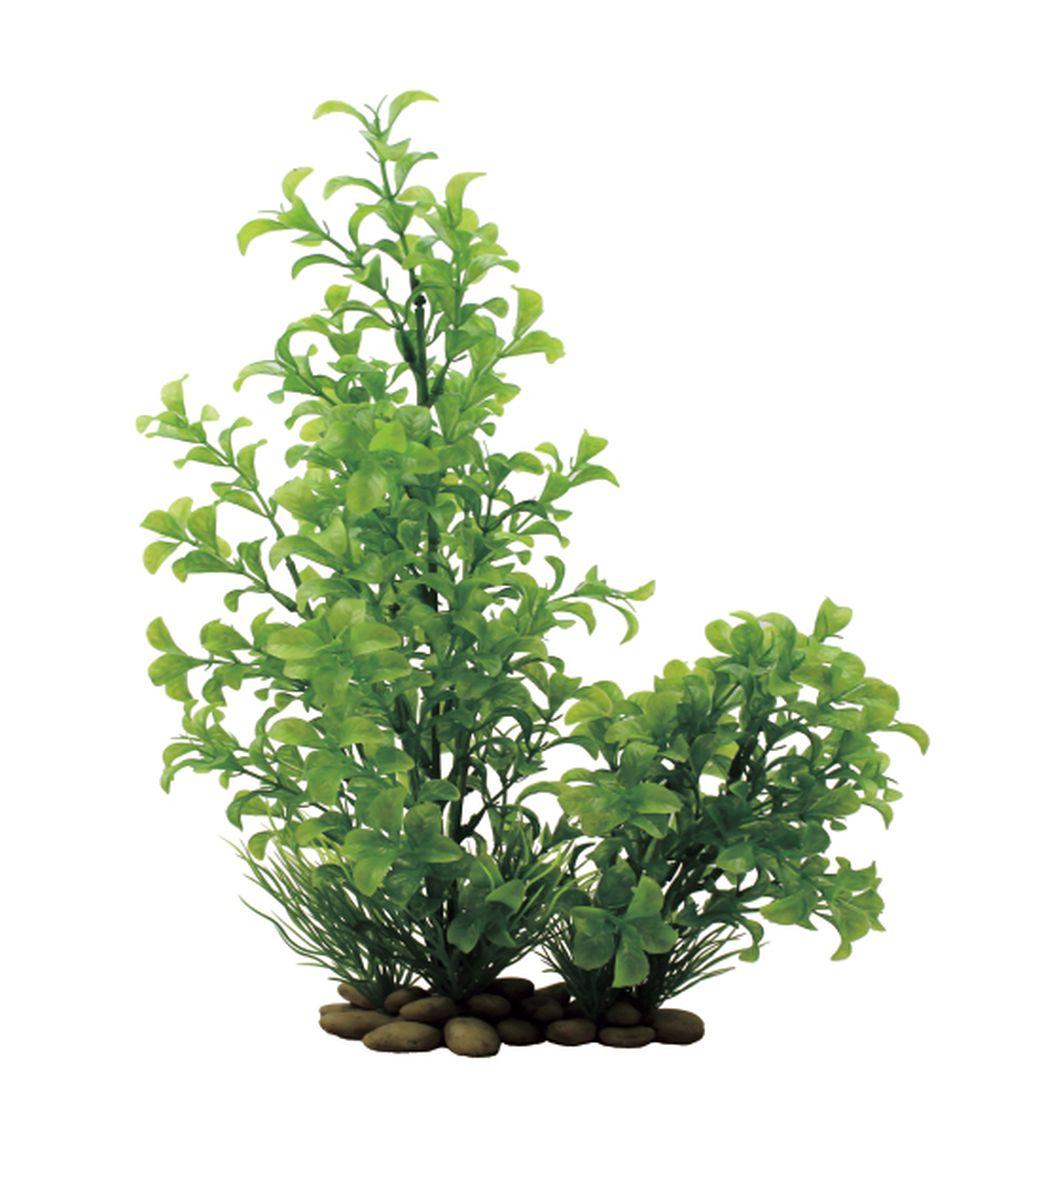 Растение для аквариума ArtUniq Людвигия зеленая, высота 30 см0120710Растение для аквариума ArtUniq Людвигия зеленая, высота 30 см